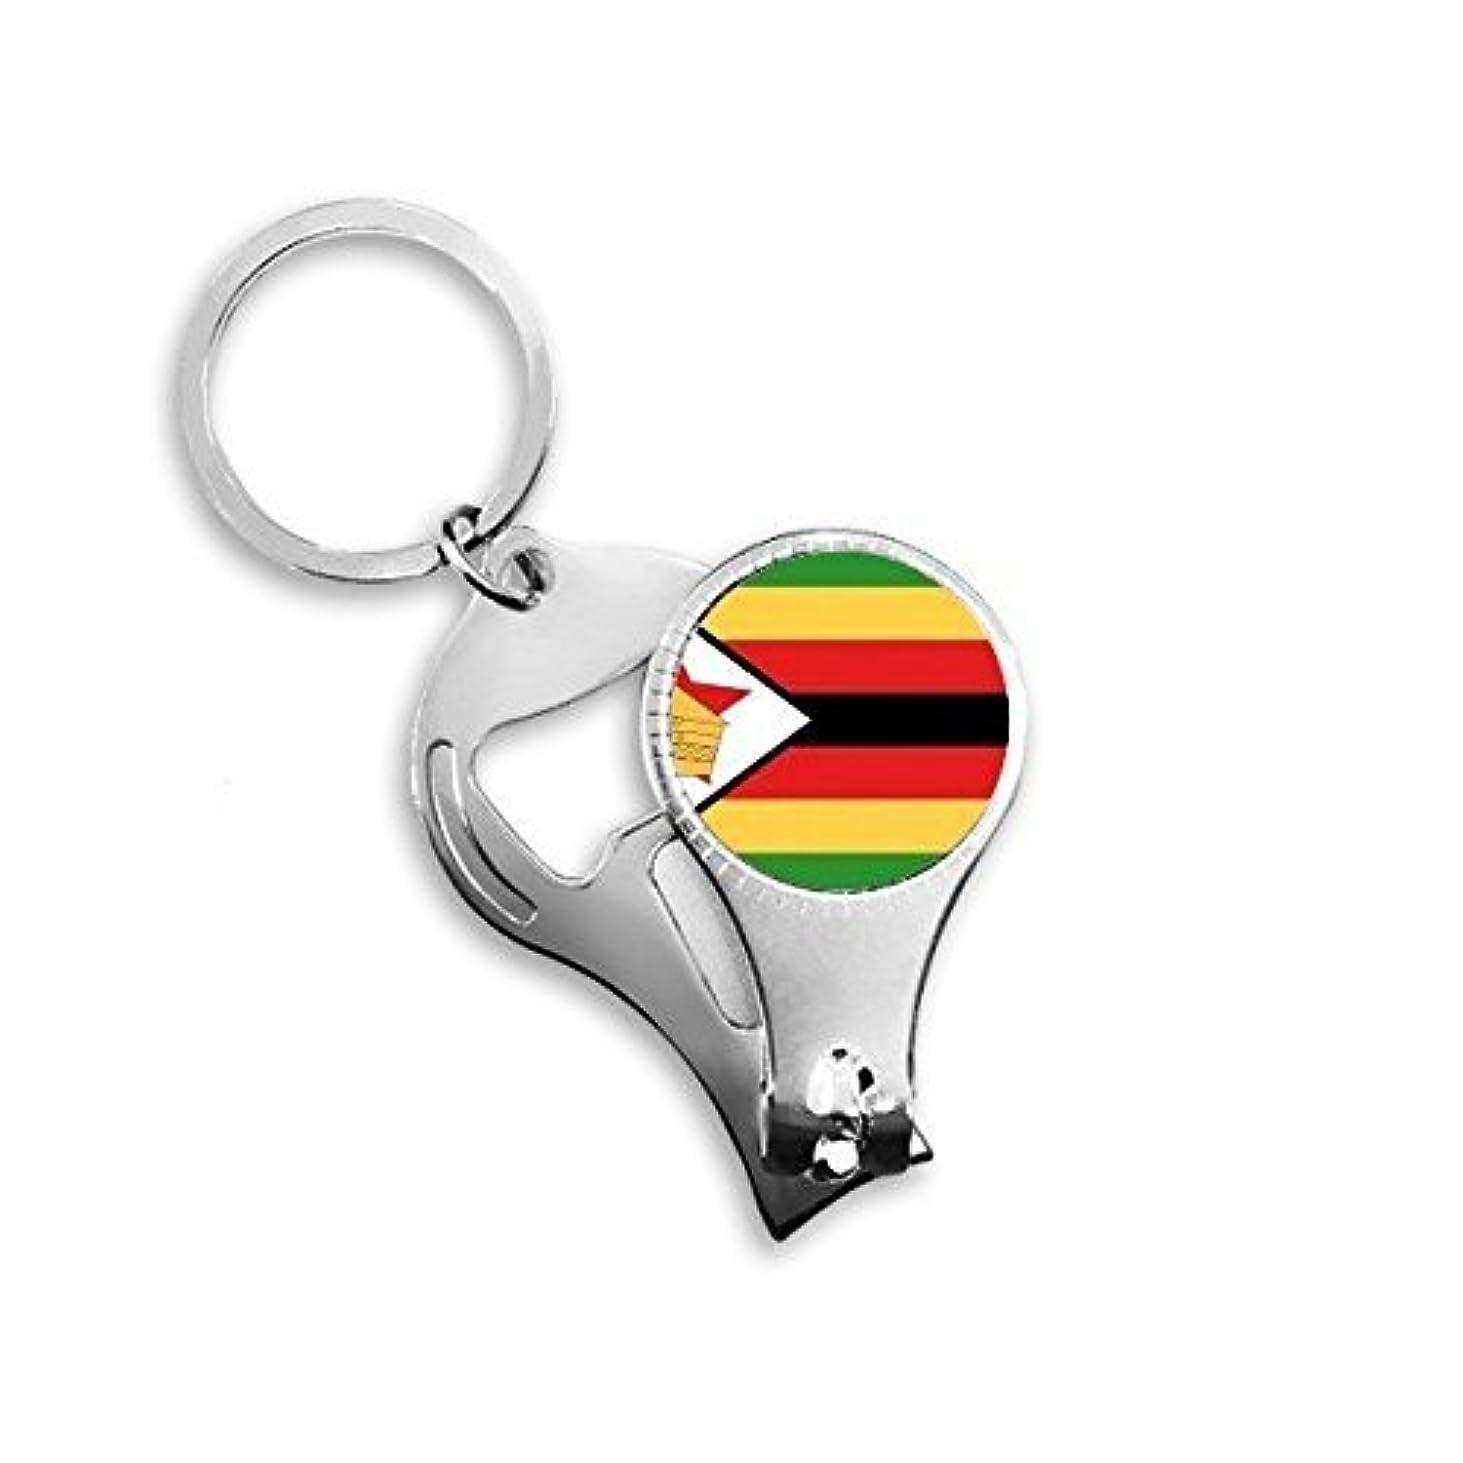 ネックレット無秩序懐疑的HPYOD HOME ジンバブエ国旗アフリカ国シンボルマークパターンメタルキーチェーンリング多機能ネイルクリッパー栓抜き車のキーチェーン最高のチャームギフト